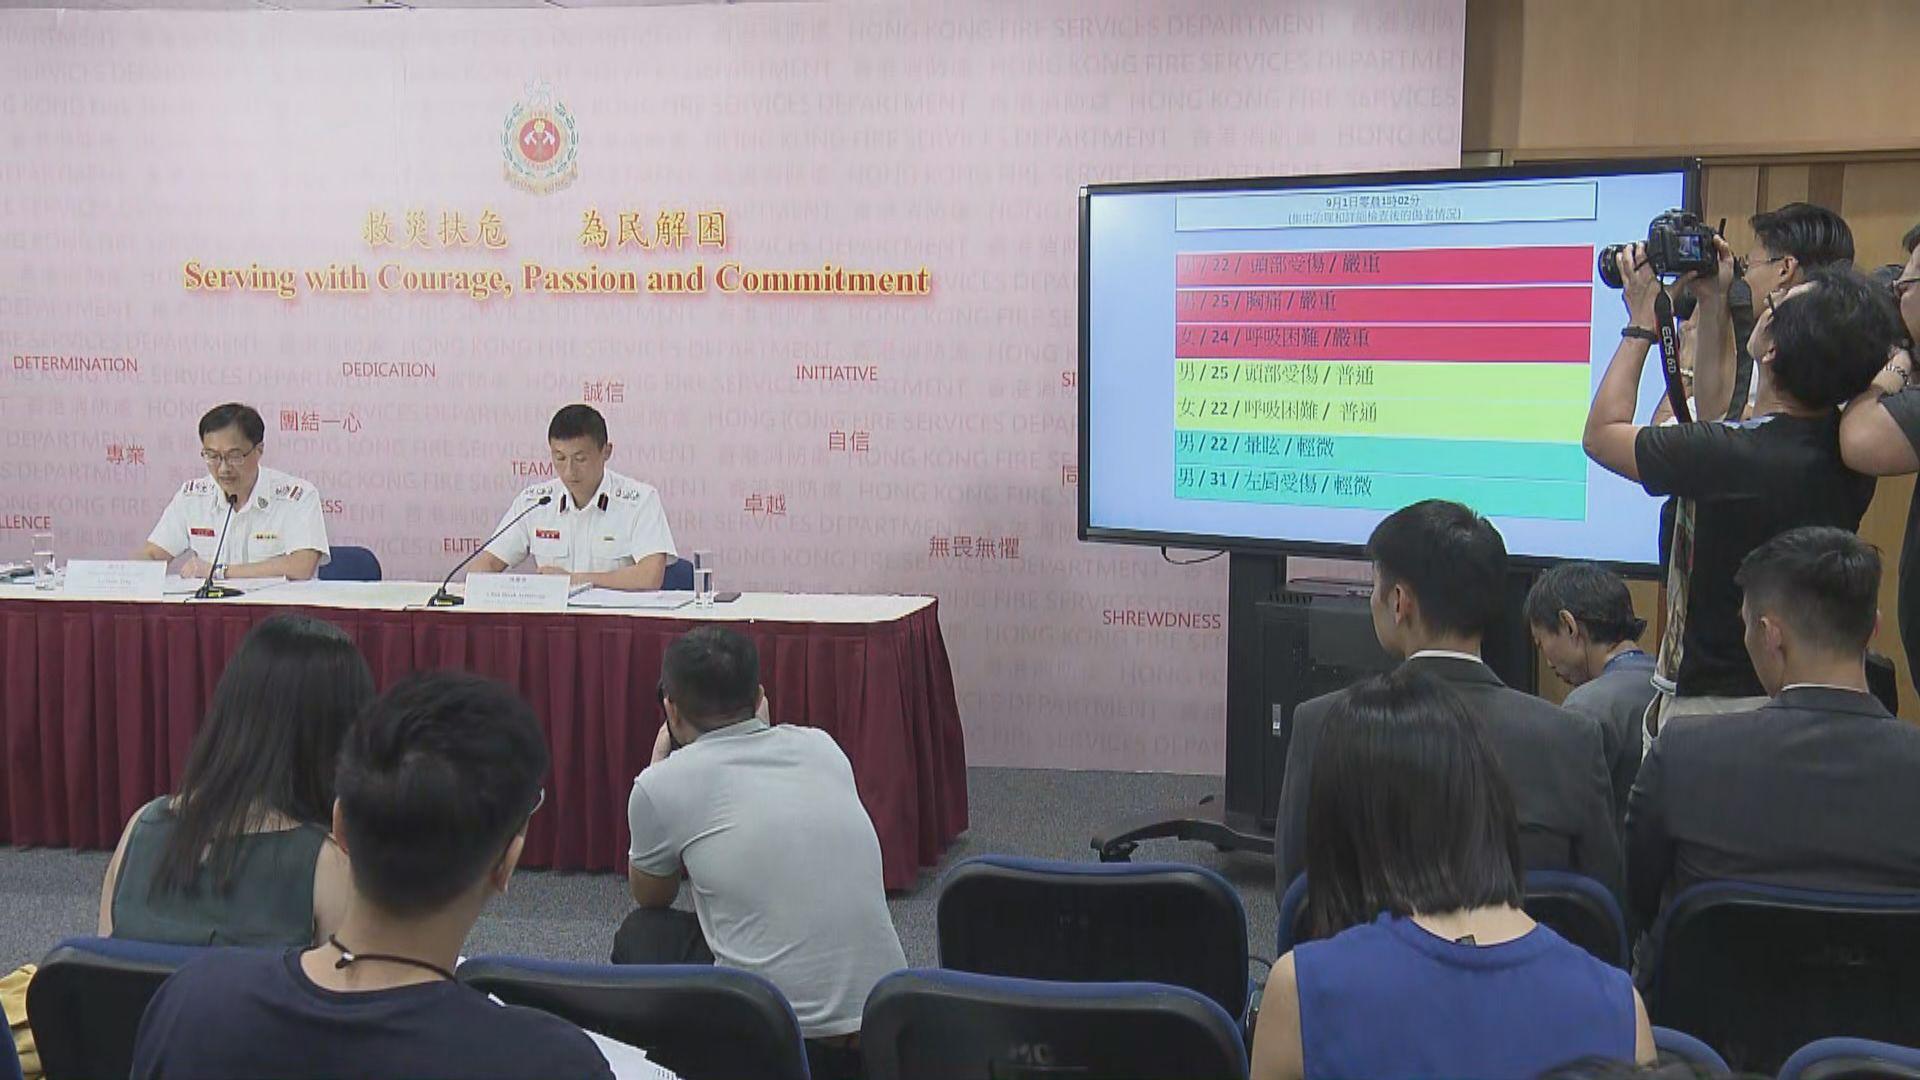 831太子站 消防處重申警方並無指示傷者數目